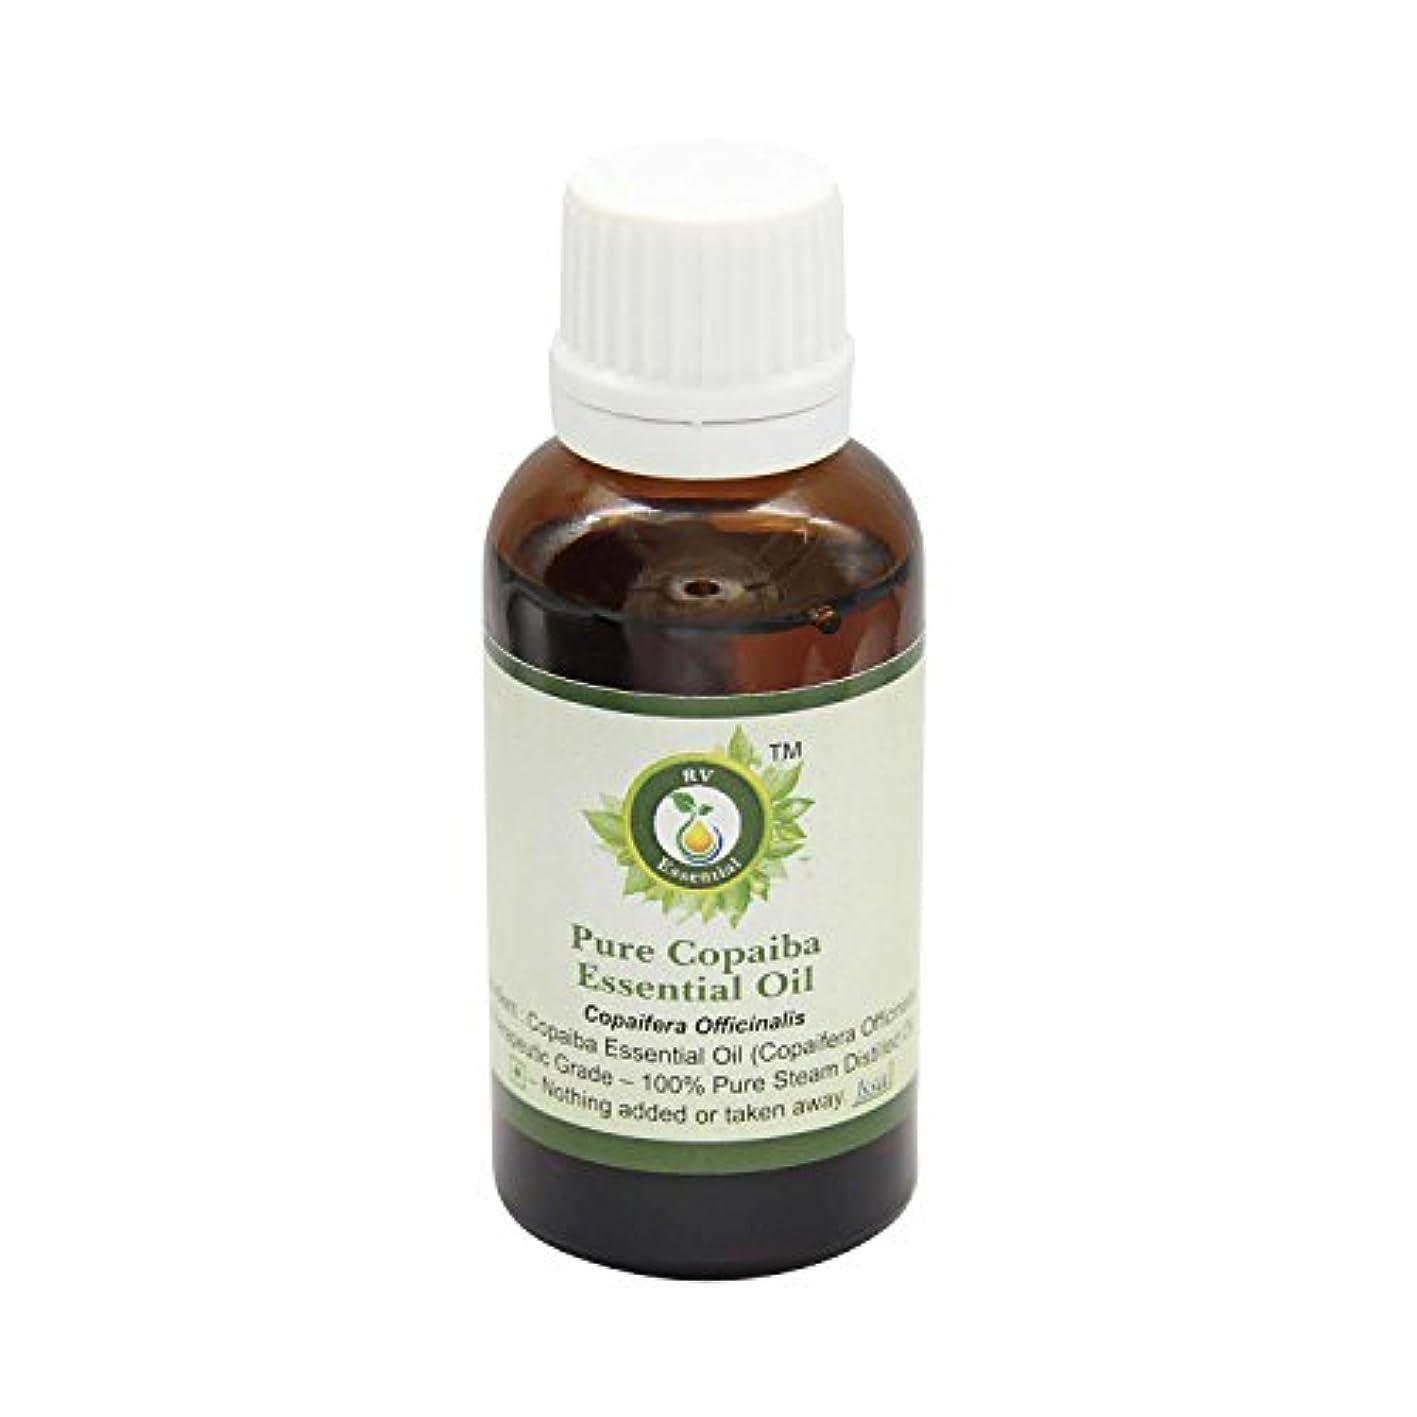 申し立てるラオス人影響R V Essential ピュアコパイバエッセンシャルオイル10ml (0.338oz)- Copaifera Officinalis (100%純粋&天然スチームDistilled) Pure Copaiba Essential...